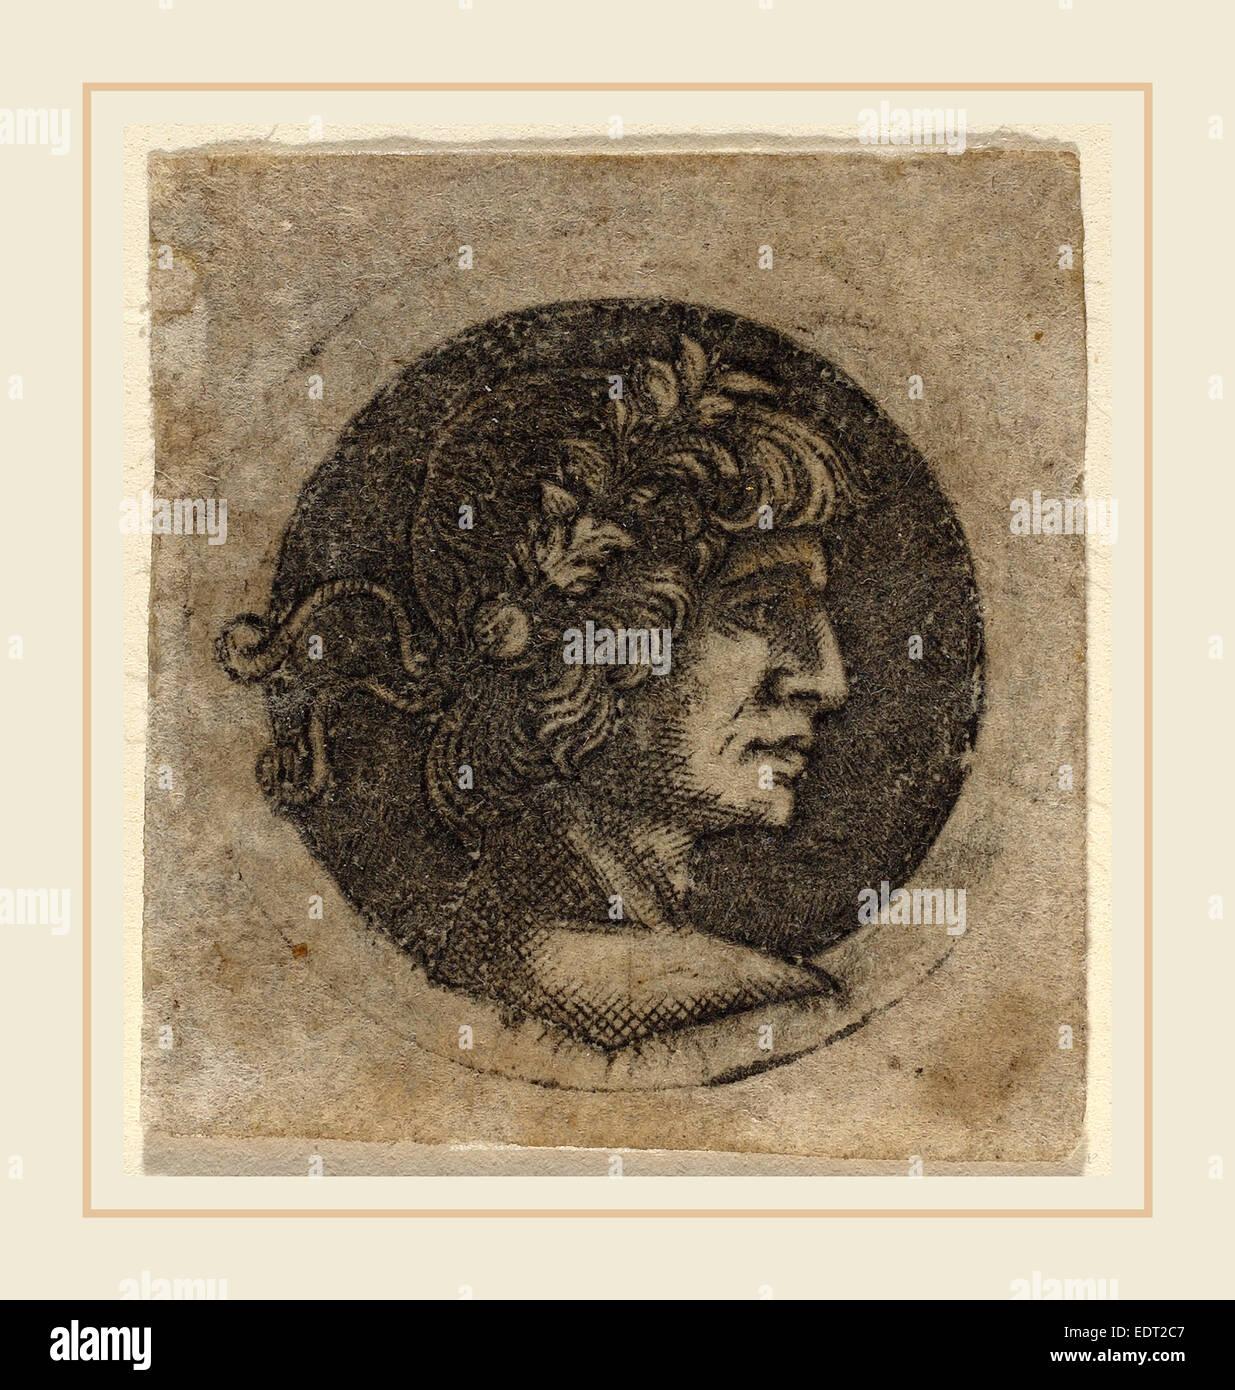 Cerchio di Francesco Francia, la testa di un imperatore romano, c. 1480-1510, niello stampare Immagini Stock